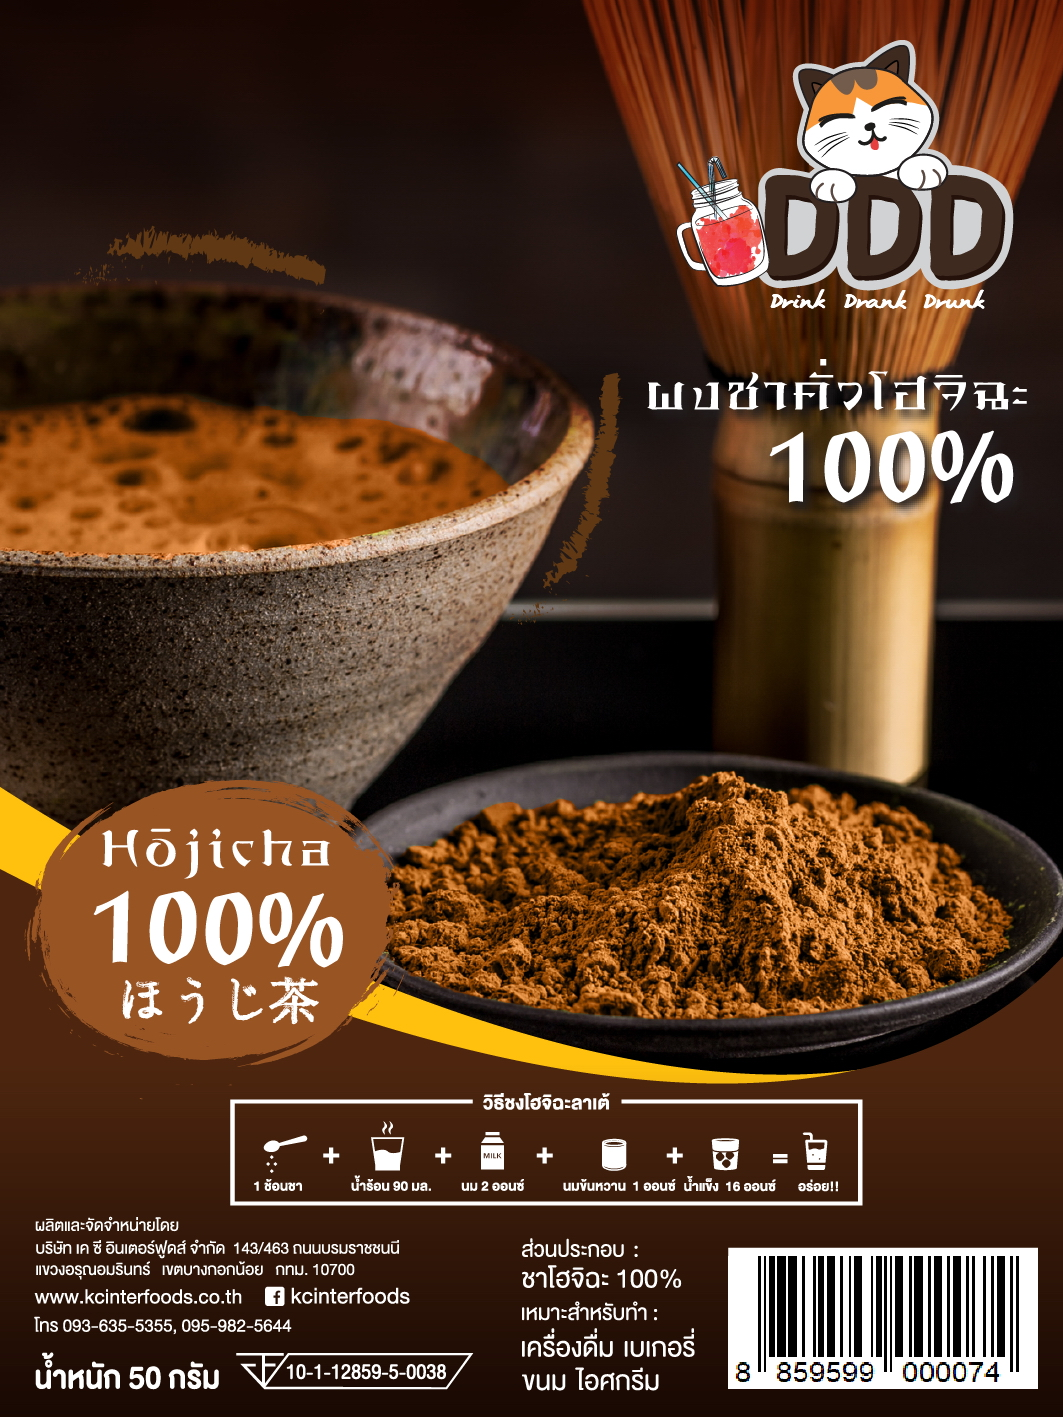 ผงชาโฮจิฉะ (ผงชาคั่ว) 100%